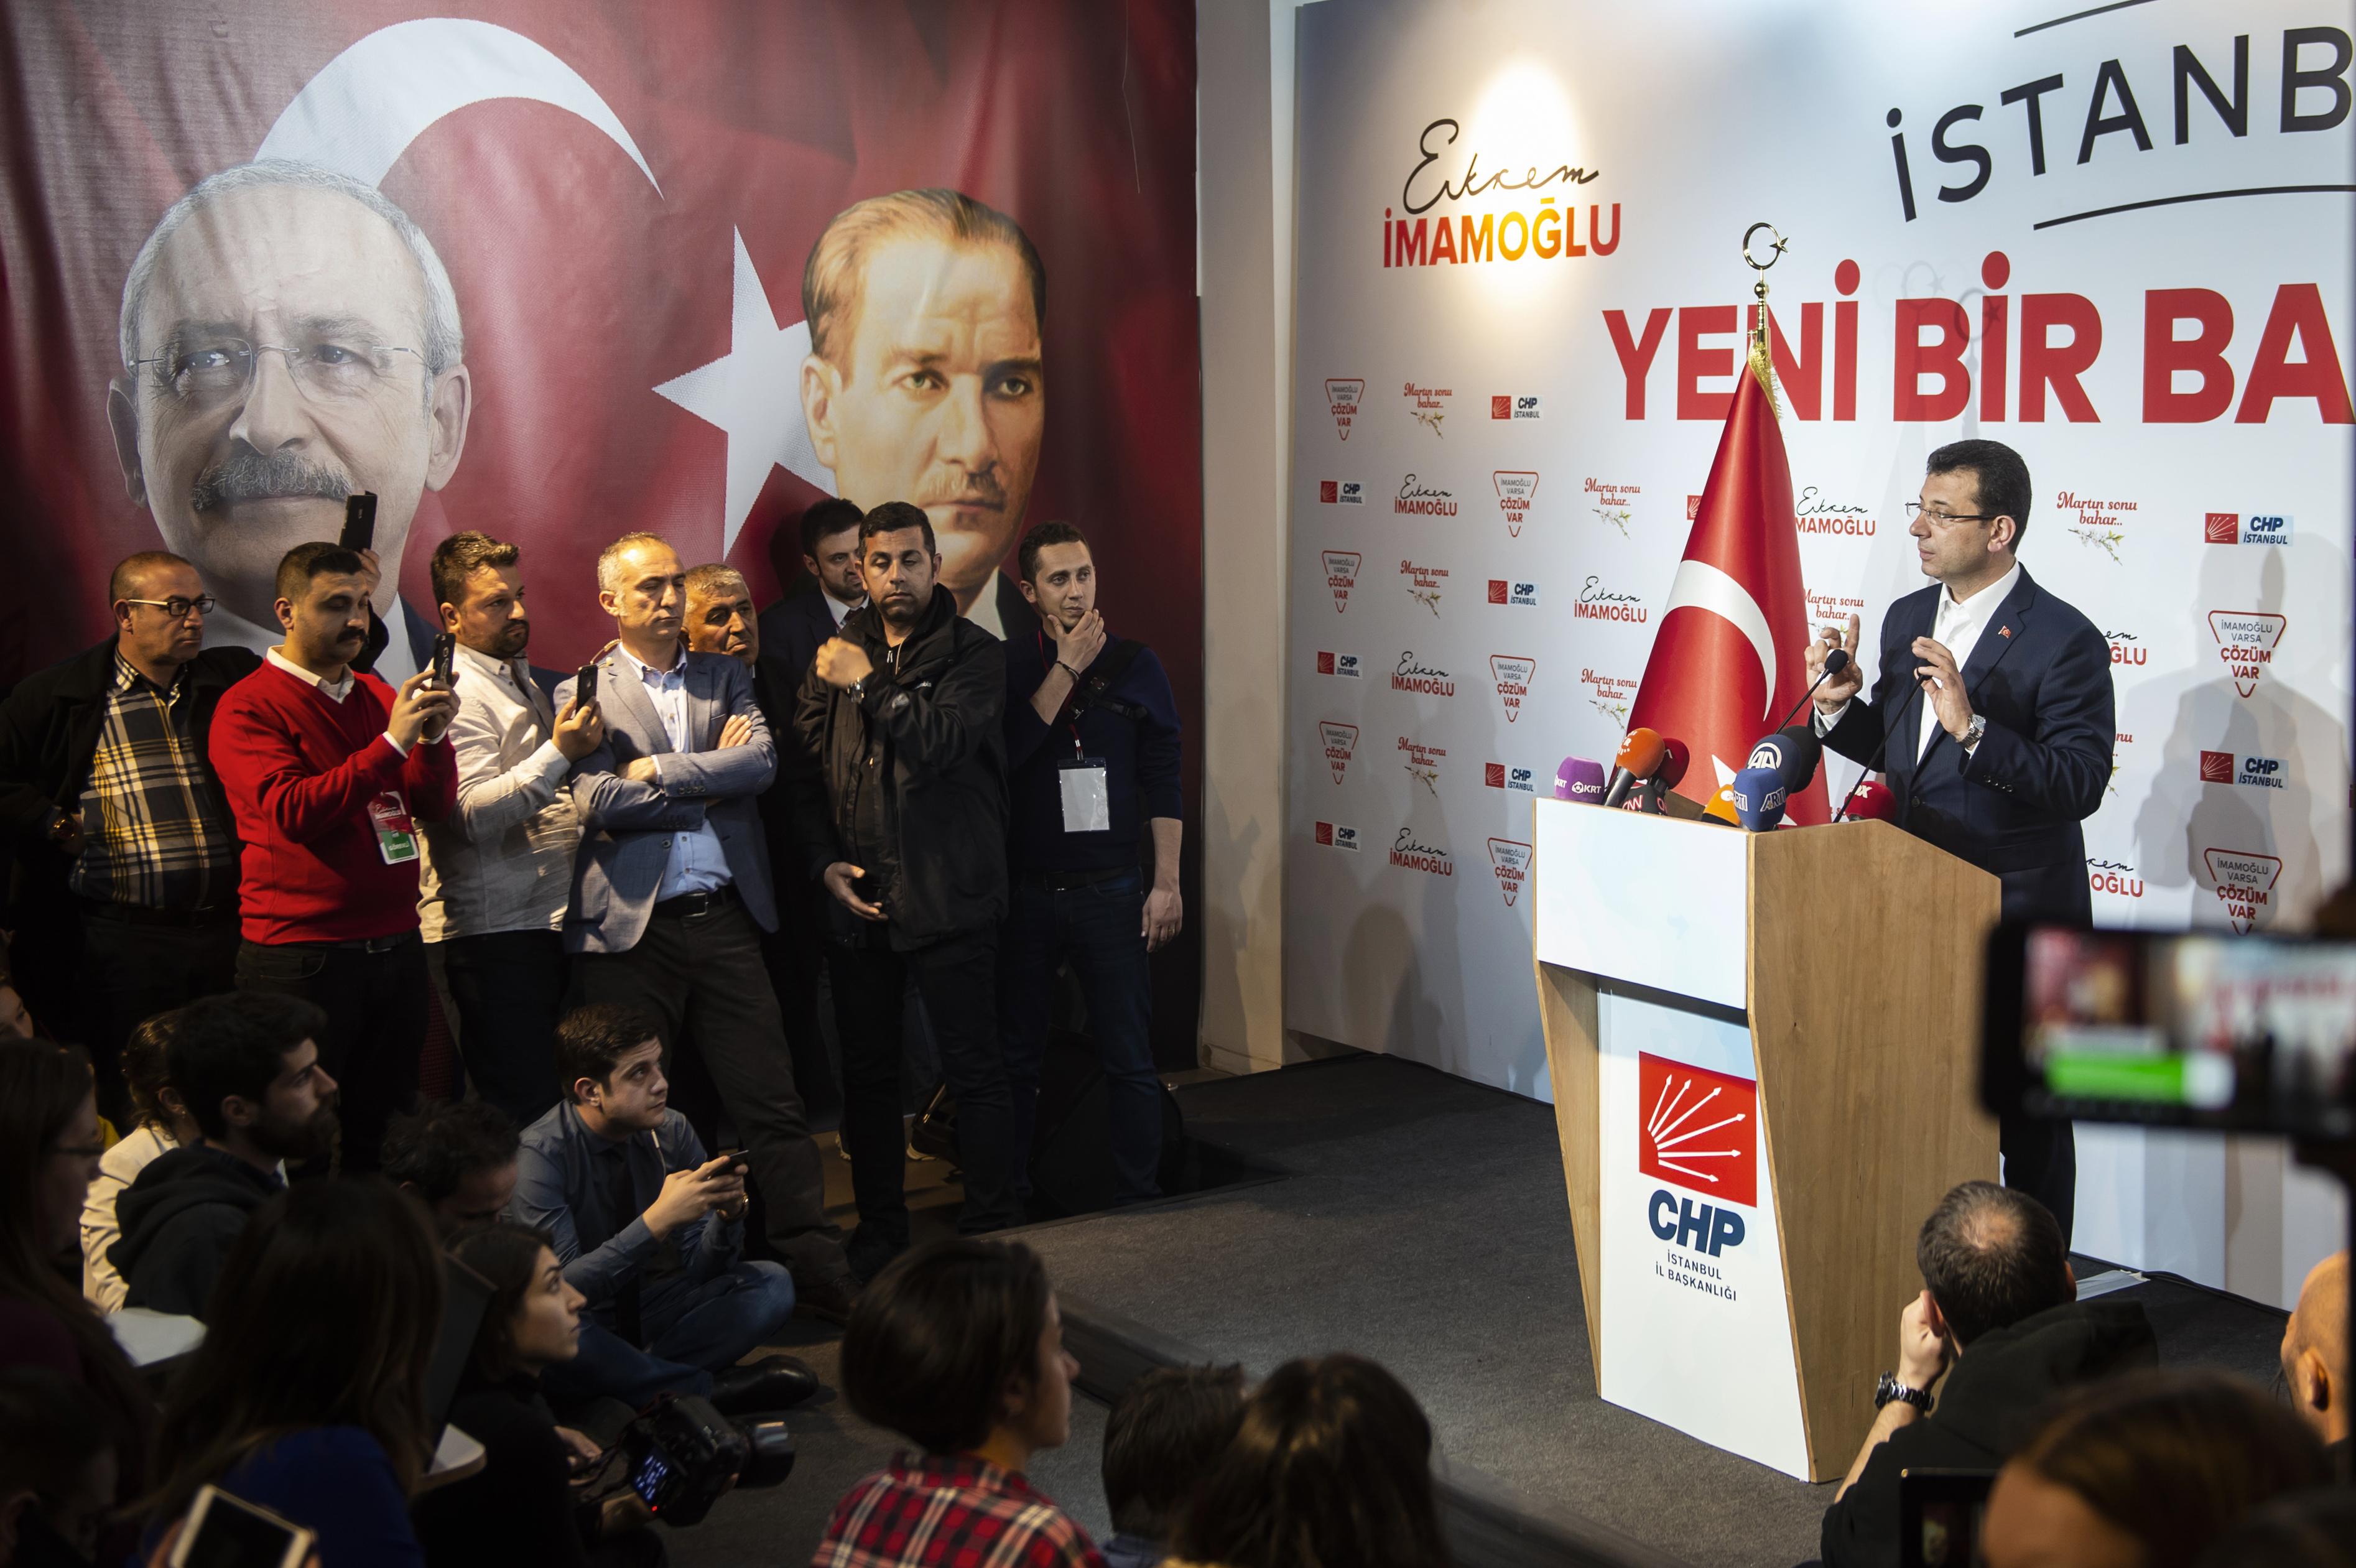 مرشح حزب الشعب الجمهوري في اسطنبول أكرم إمام أوغلو يتحدث لوسائل الإعلام عقب انتهاء عملية الاقتراع